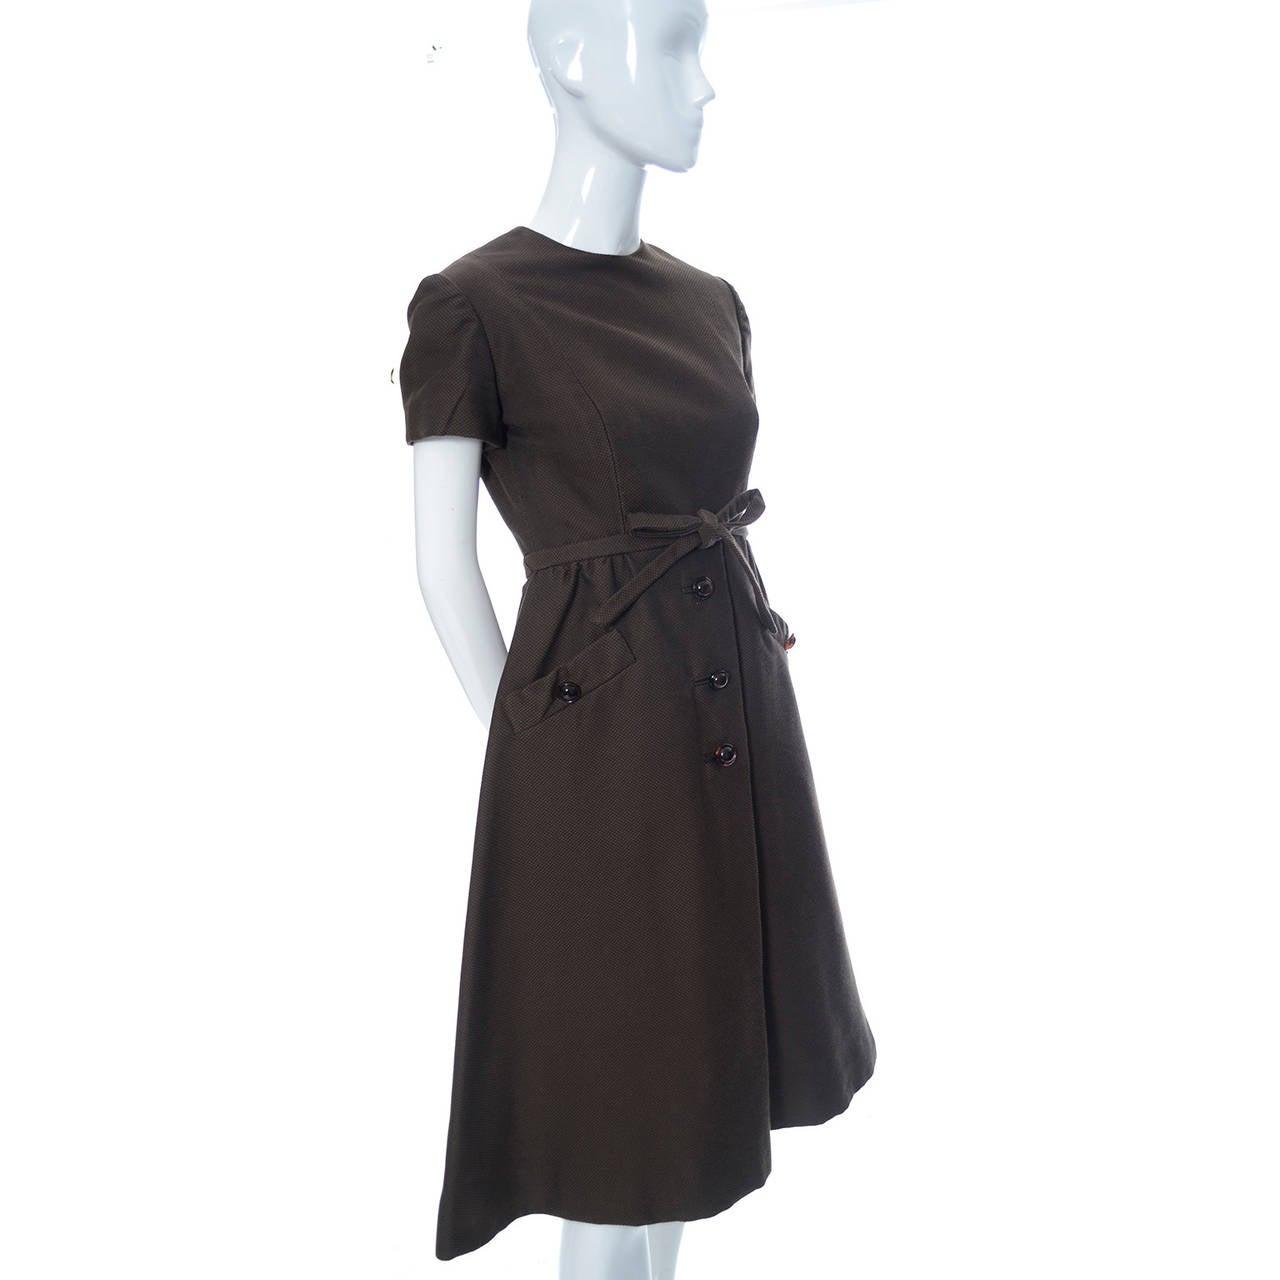 Chocolate Brown Geoffrey Beene 1960s Mod Vintage Dress Pockets Belt 5